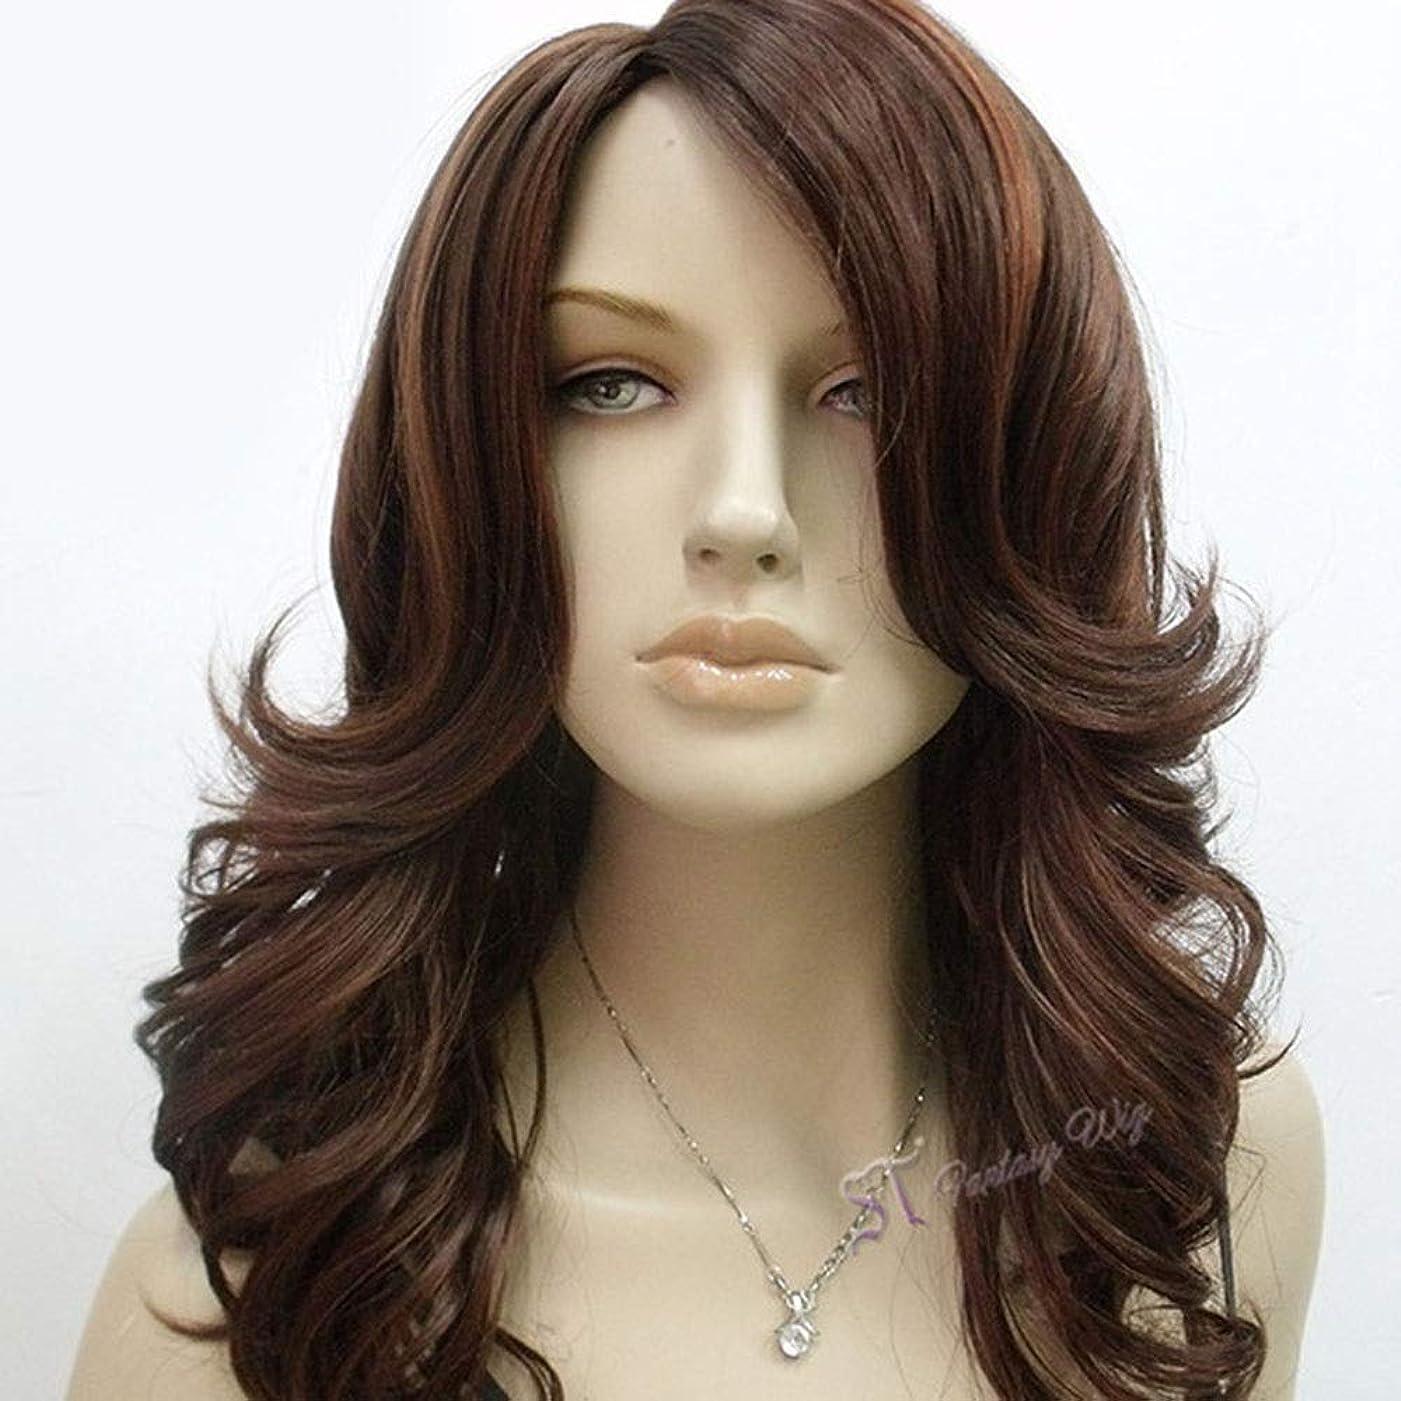 公行為センサーBOBIDYEE 女性の長い巻き毛のかつら茶色のセクシーな長い前髪波カールかつら合成髪のレースのかつらロールプレイングかつら (色 : ブラウン)